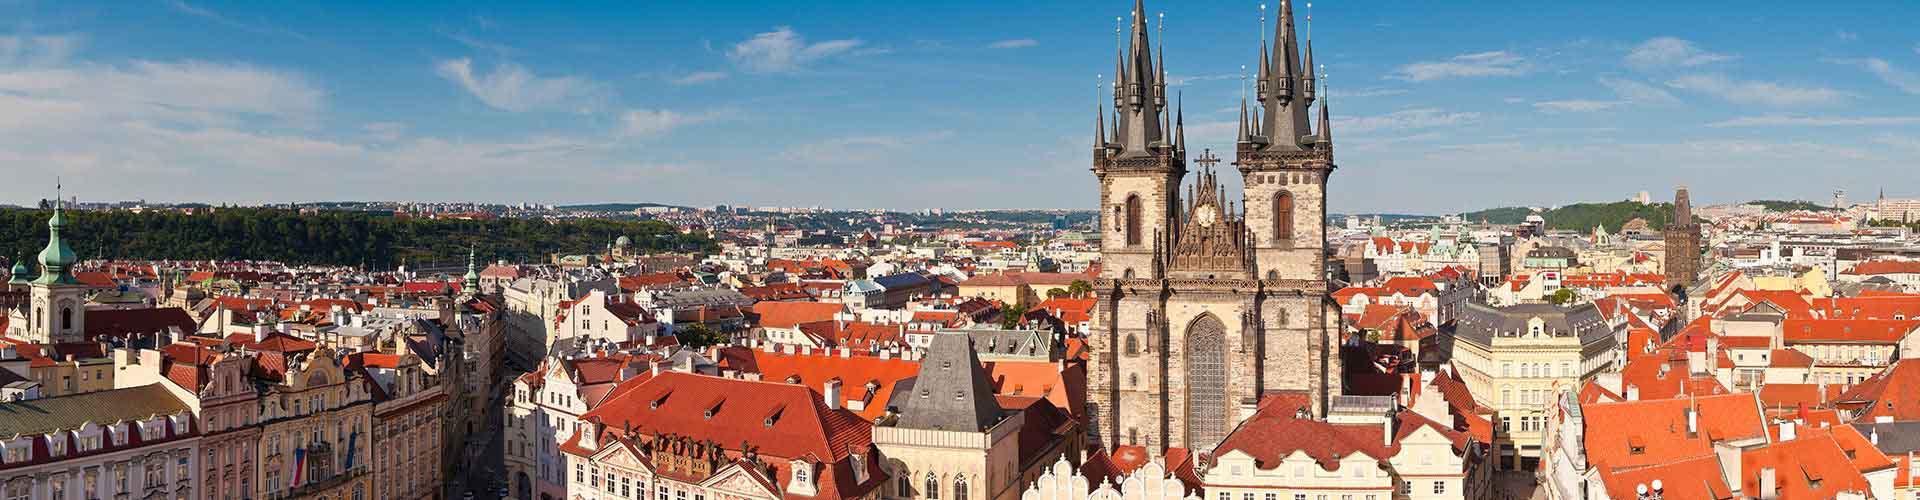 Praga - Hoteles baratos cerca a Iglesia de Tyn. Mapas de Praga, Fotos y comentarios de cada Hotel en Praga.